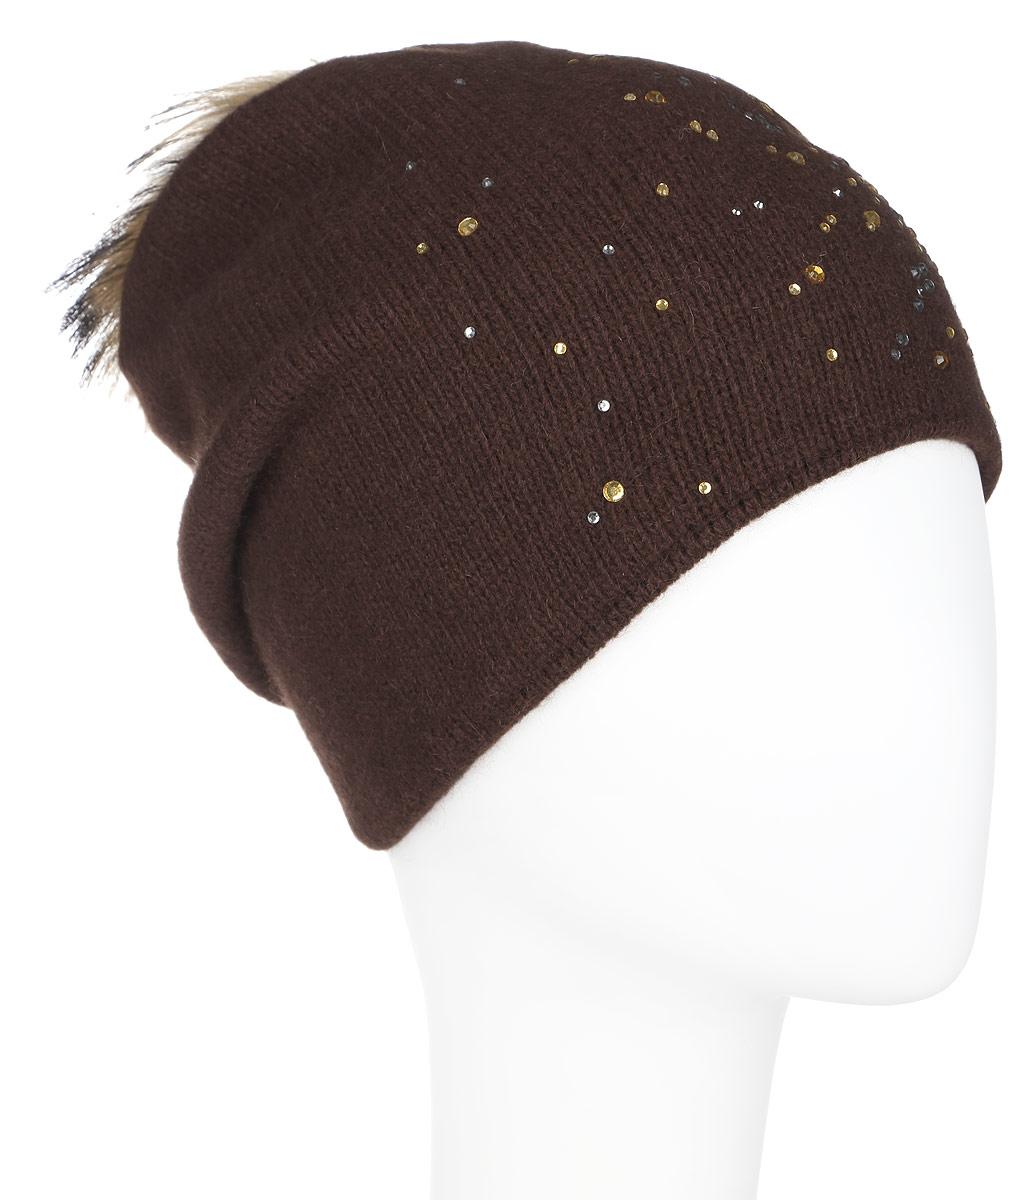 Шапка женская Finn Flare, цвет: темно-коричневый. A16-12130_621. Размер 56A16-12130_621Стильная женская шапка Finn Flare дополнит ваш наряд и не позволит вам замерзнуть в холодное время года. Шапка выполнена из высококачественной пряжи, что позволяет ей великолепно сохранять тепло и обеспечивает высокую эластичность и удобство посадки. Изделие дополнено тёплой подкладкой.Модель оформлена пушистым помпоном из меха енота и украшена узором из страз. Такая шапка станет модным и стильным дополнением вашего гардероба. Она согреет вас и позволит подчеркнуть свою индивидуальность!